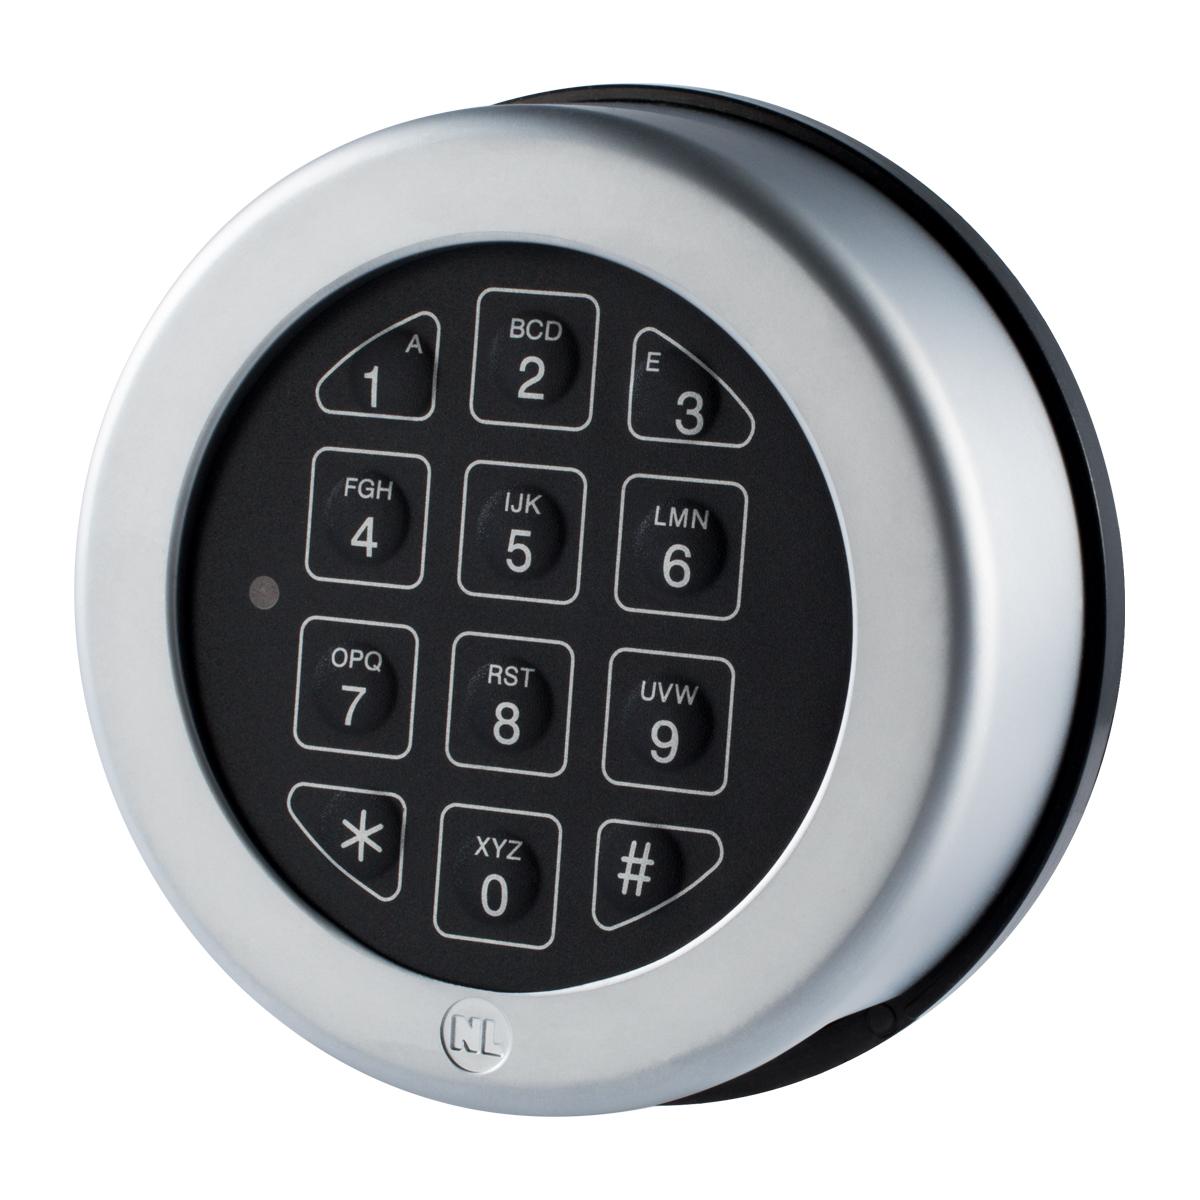 kcolefas u.l. electronic safe lock entry 30207